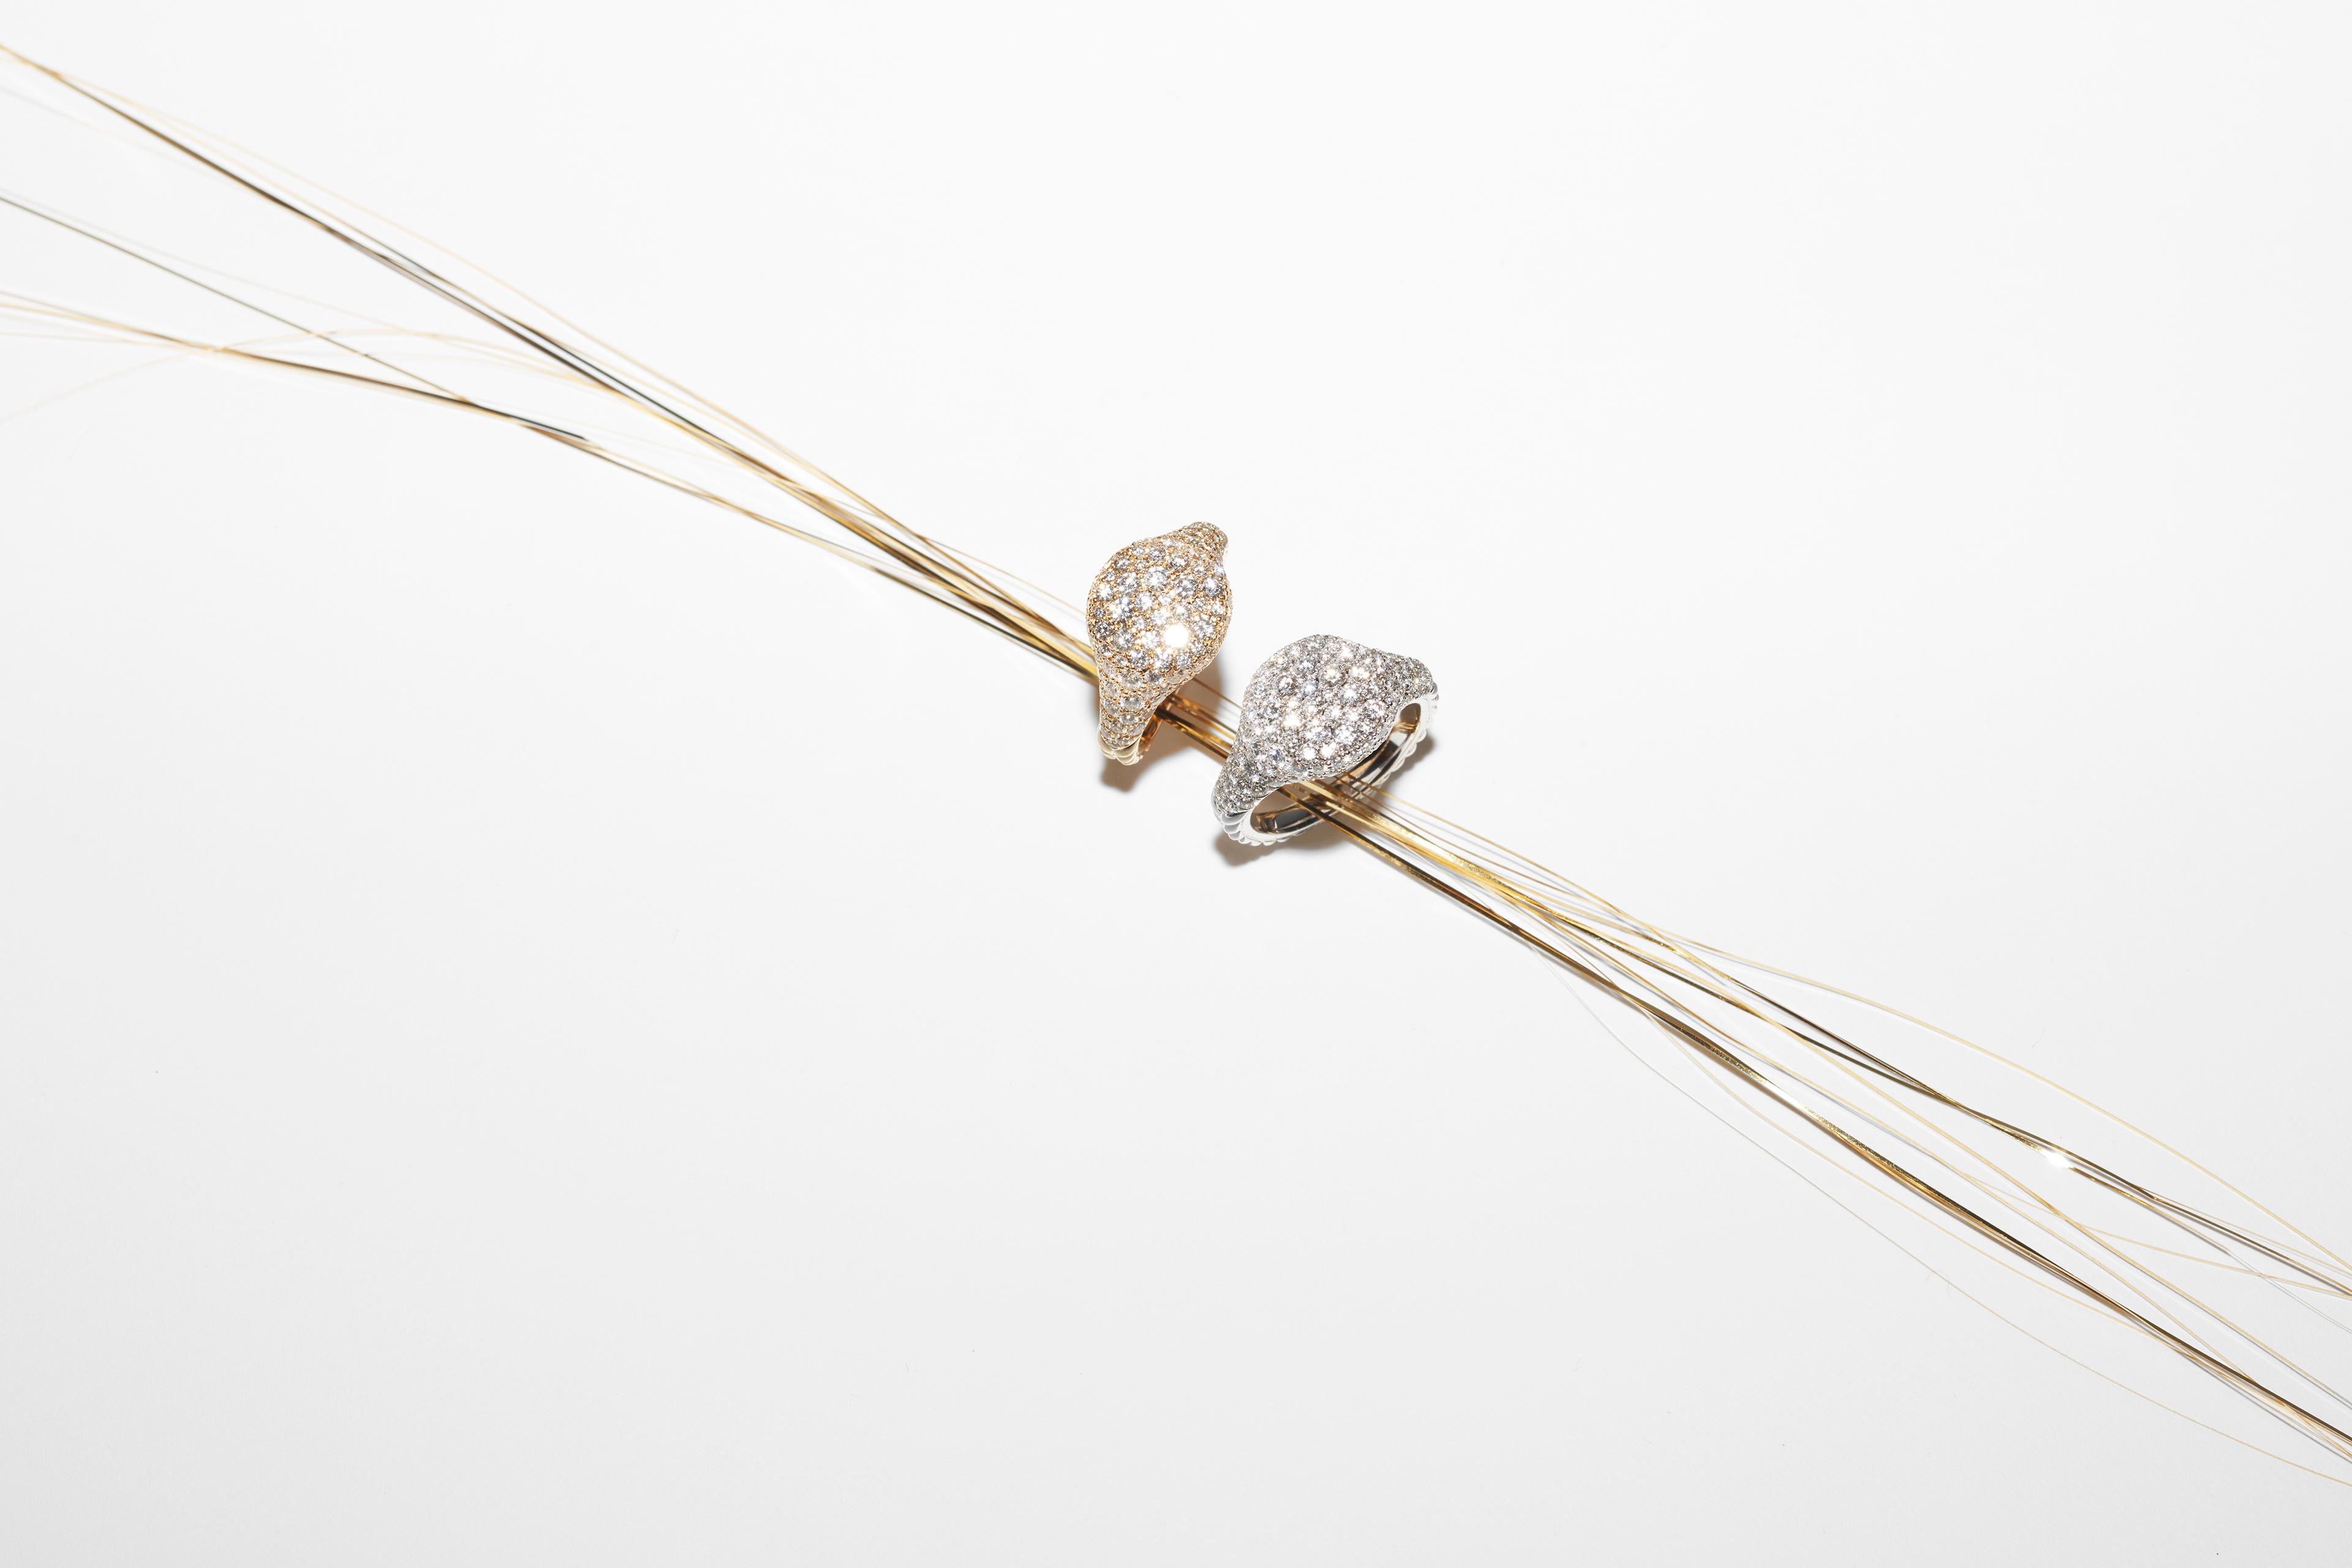 Diamond pave rings